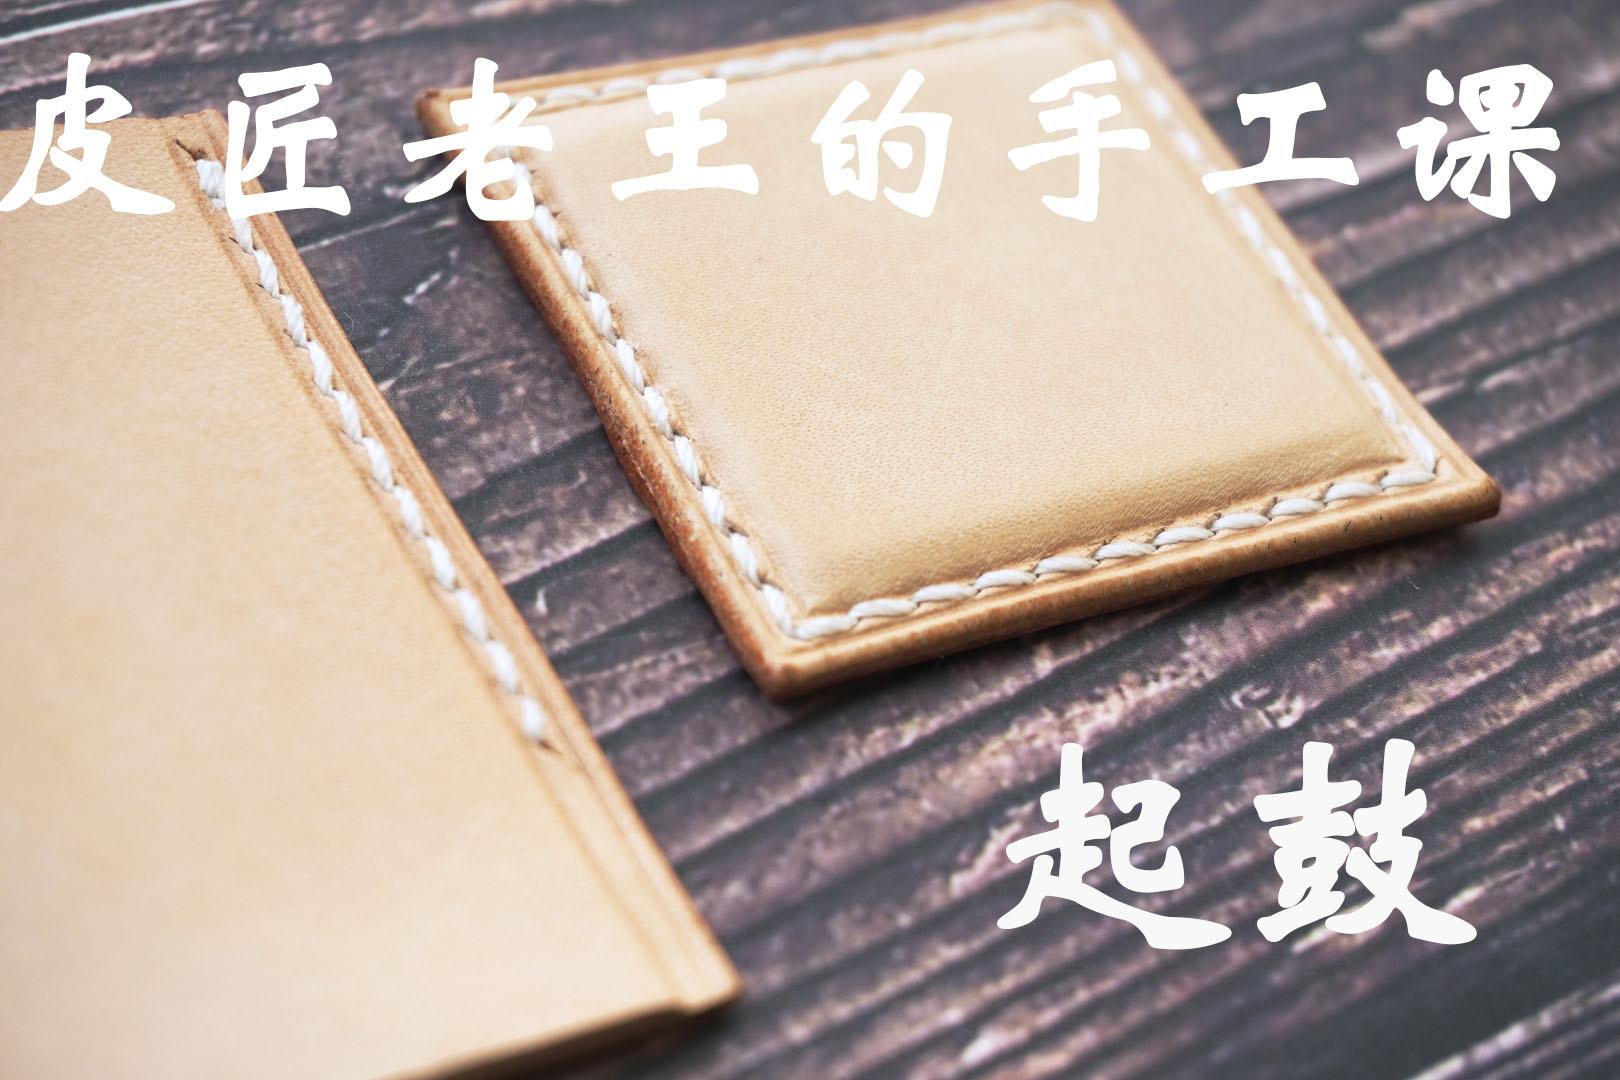 皮匠老王的手工课 手工皮具高级工艺起鼓教学 手工包手艺教程